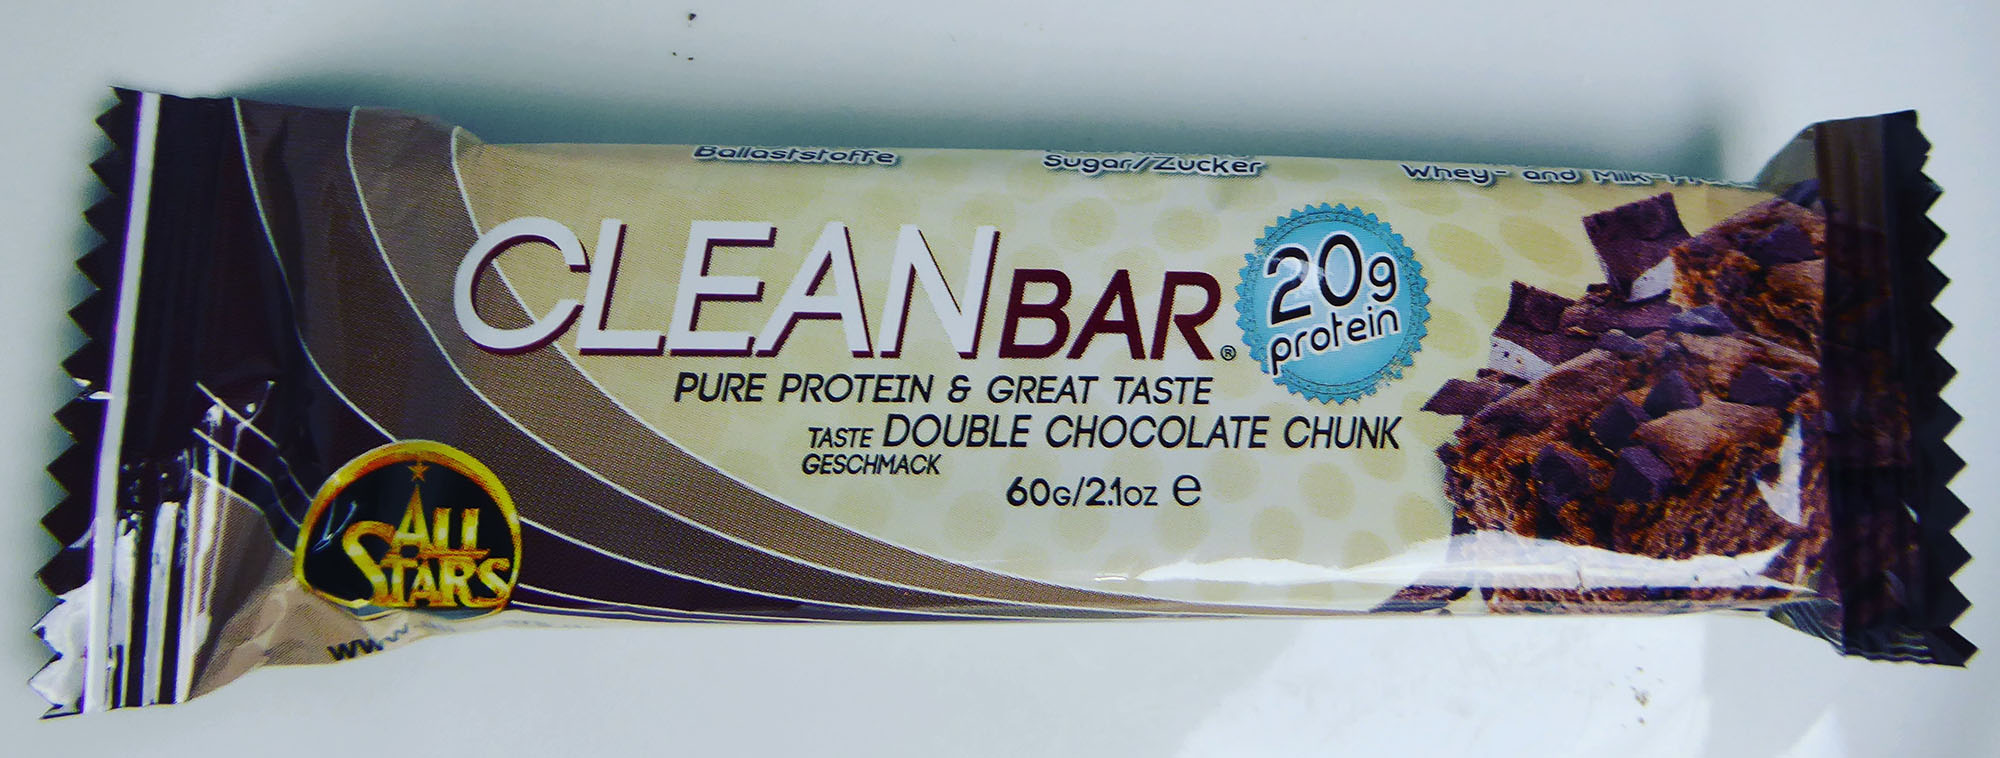 AllStars Cleanbar Double Chocolate Chunk Protein Bar Doppelte Schokolade Proteinriegel Eiweißriegel